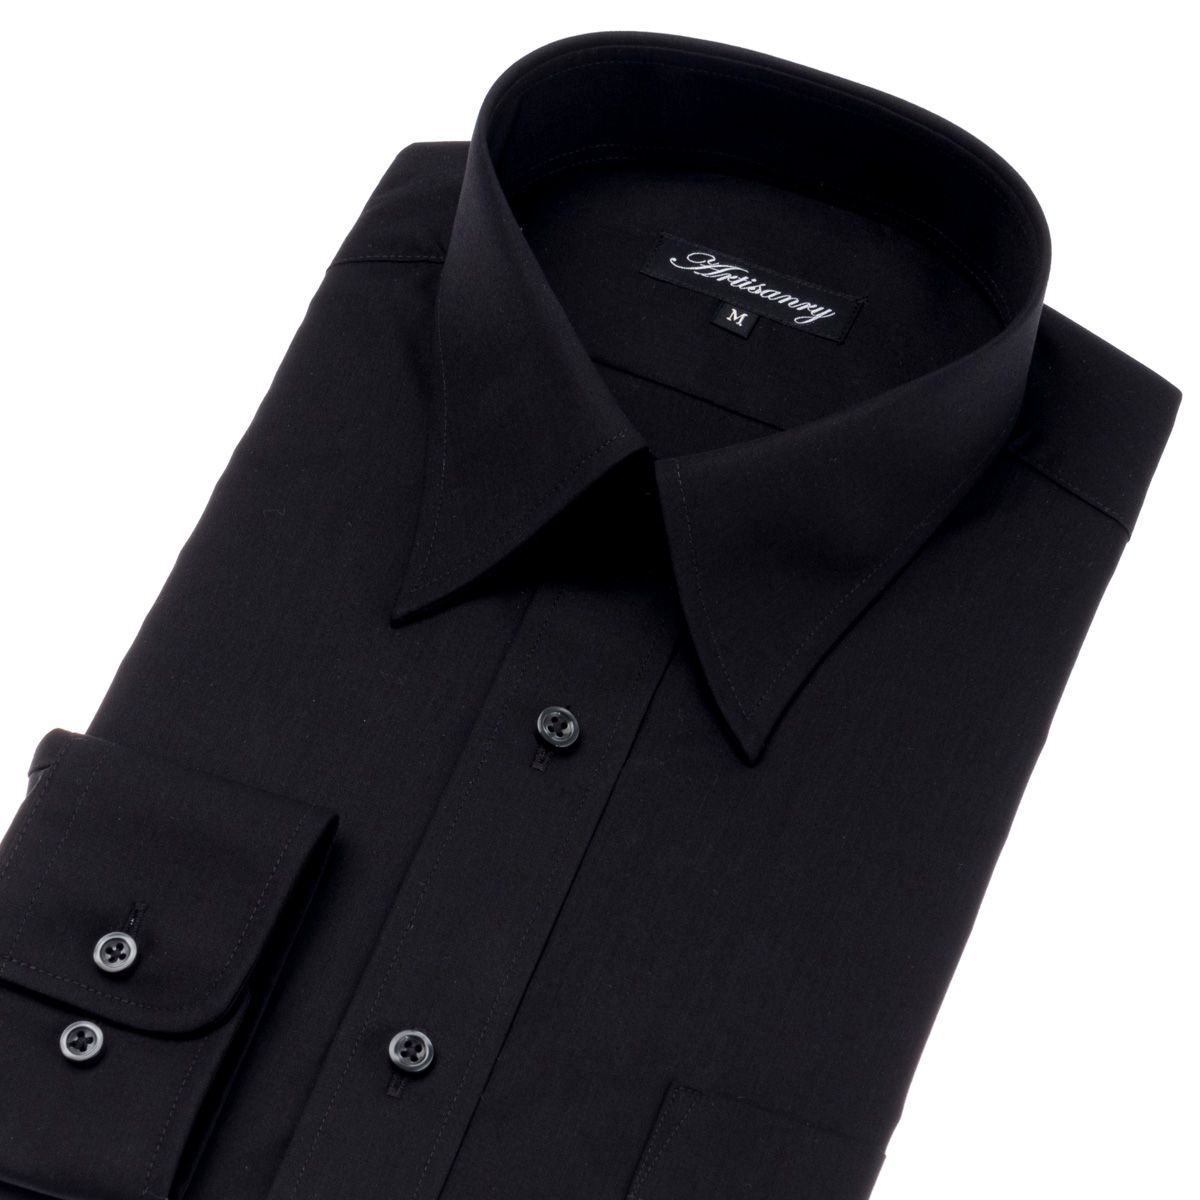 イージーケア レギュラーカラー ワイシャツ 長袖 【Artisanry】